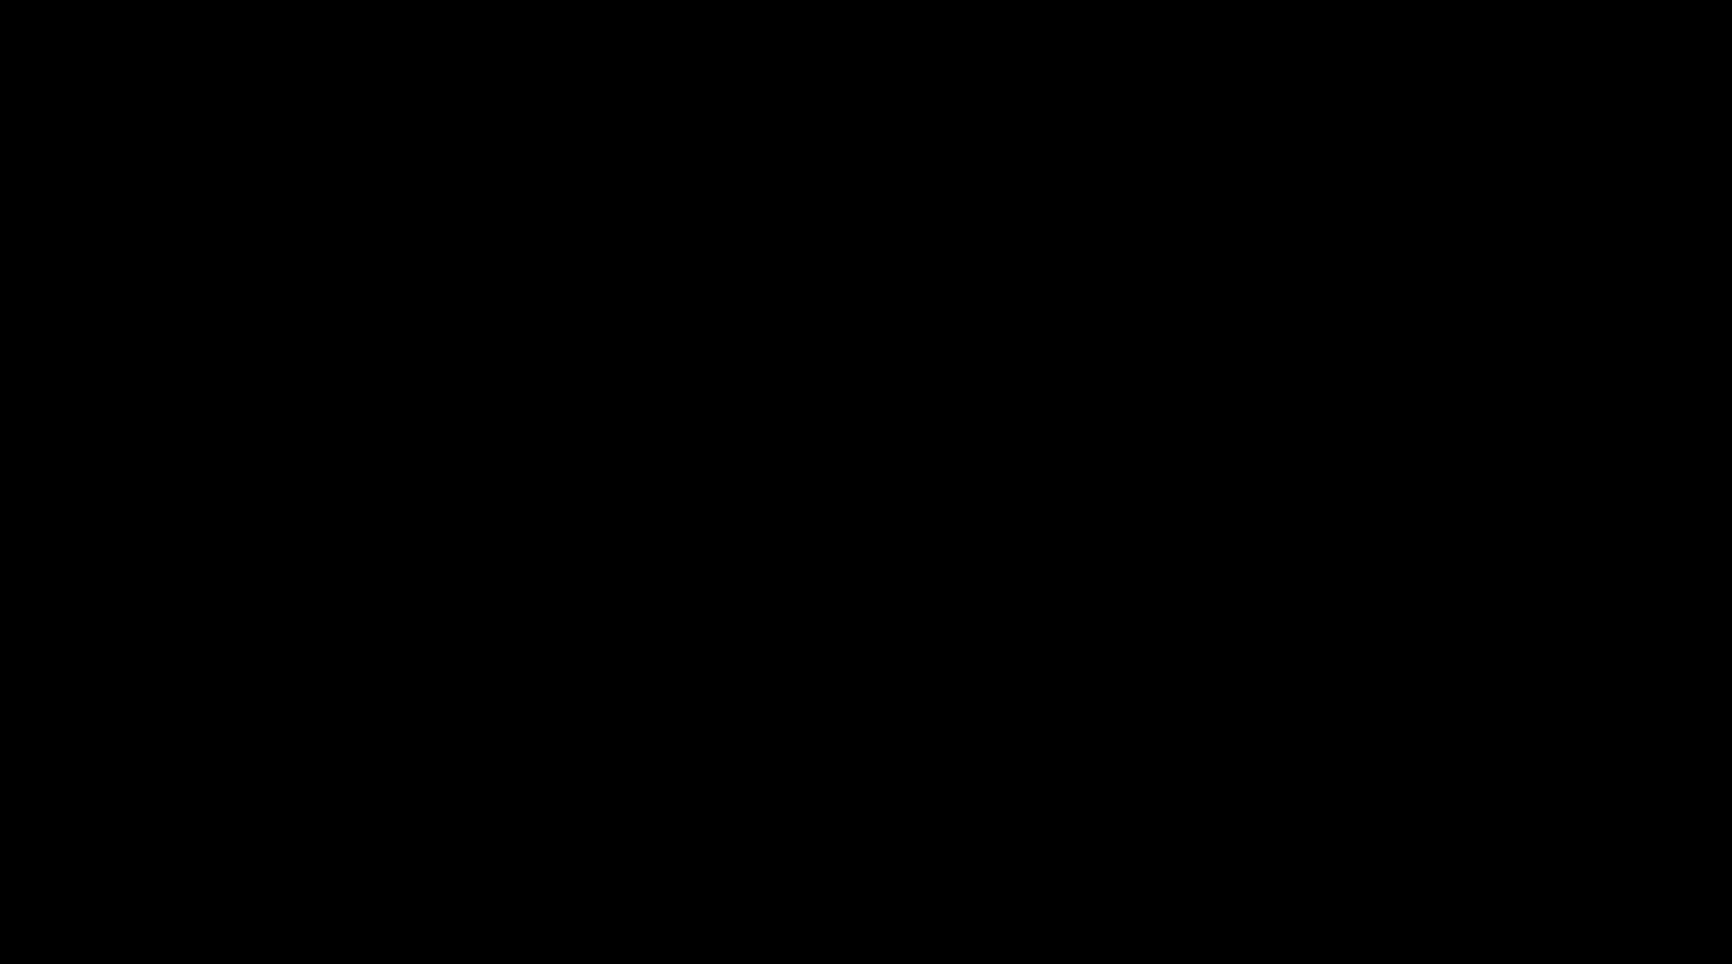 FGIN-1-43